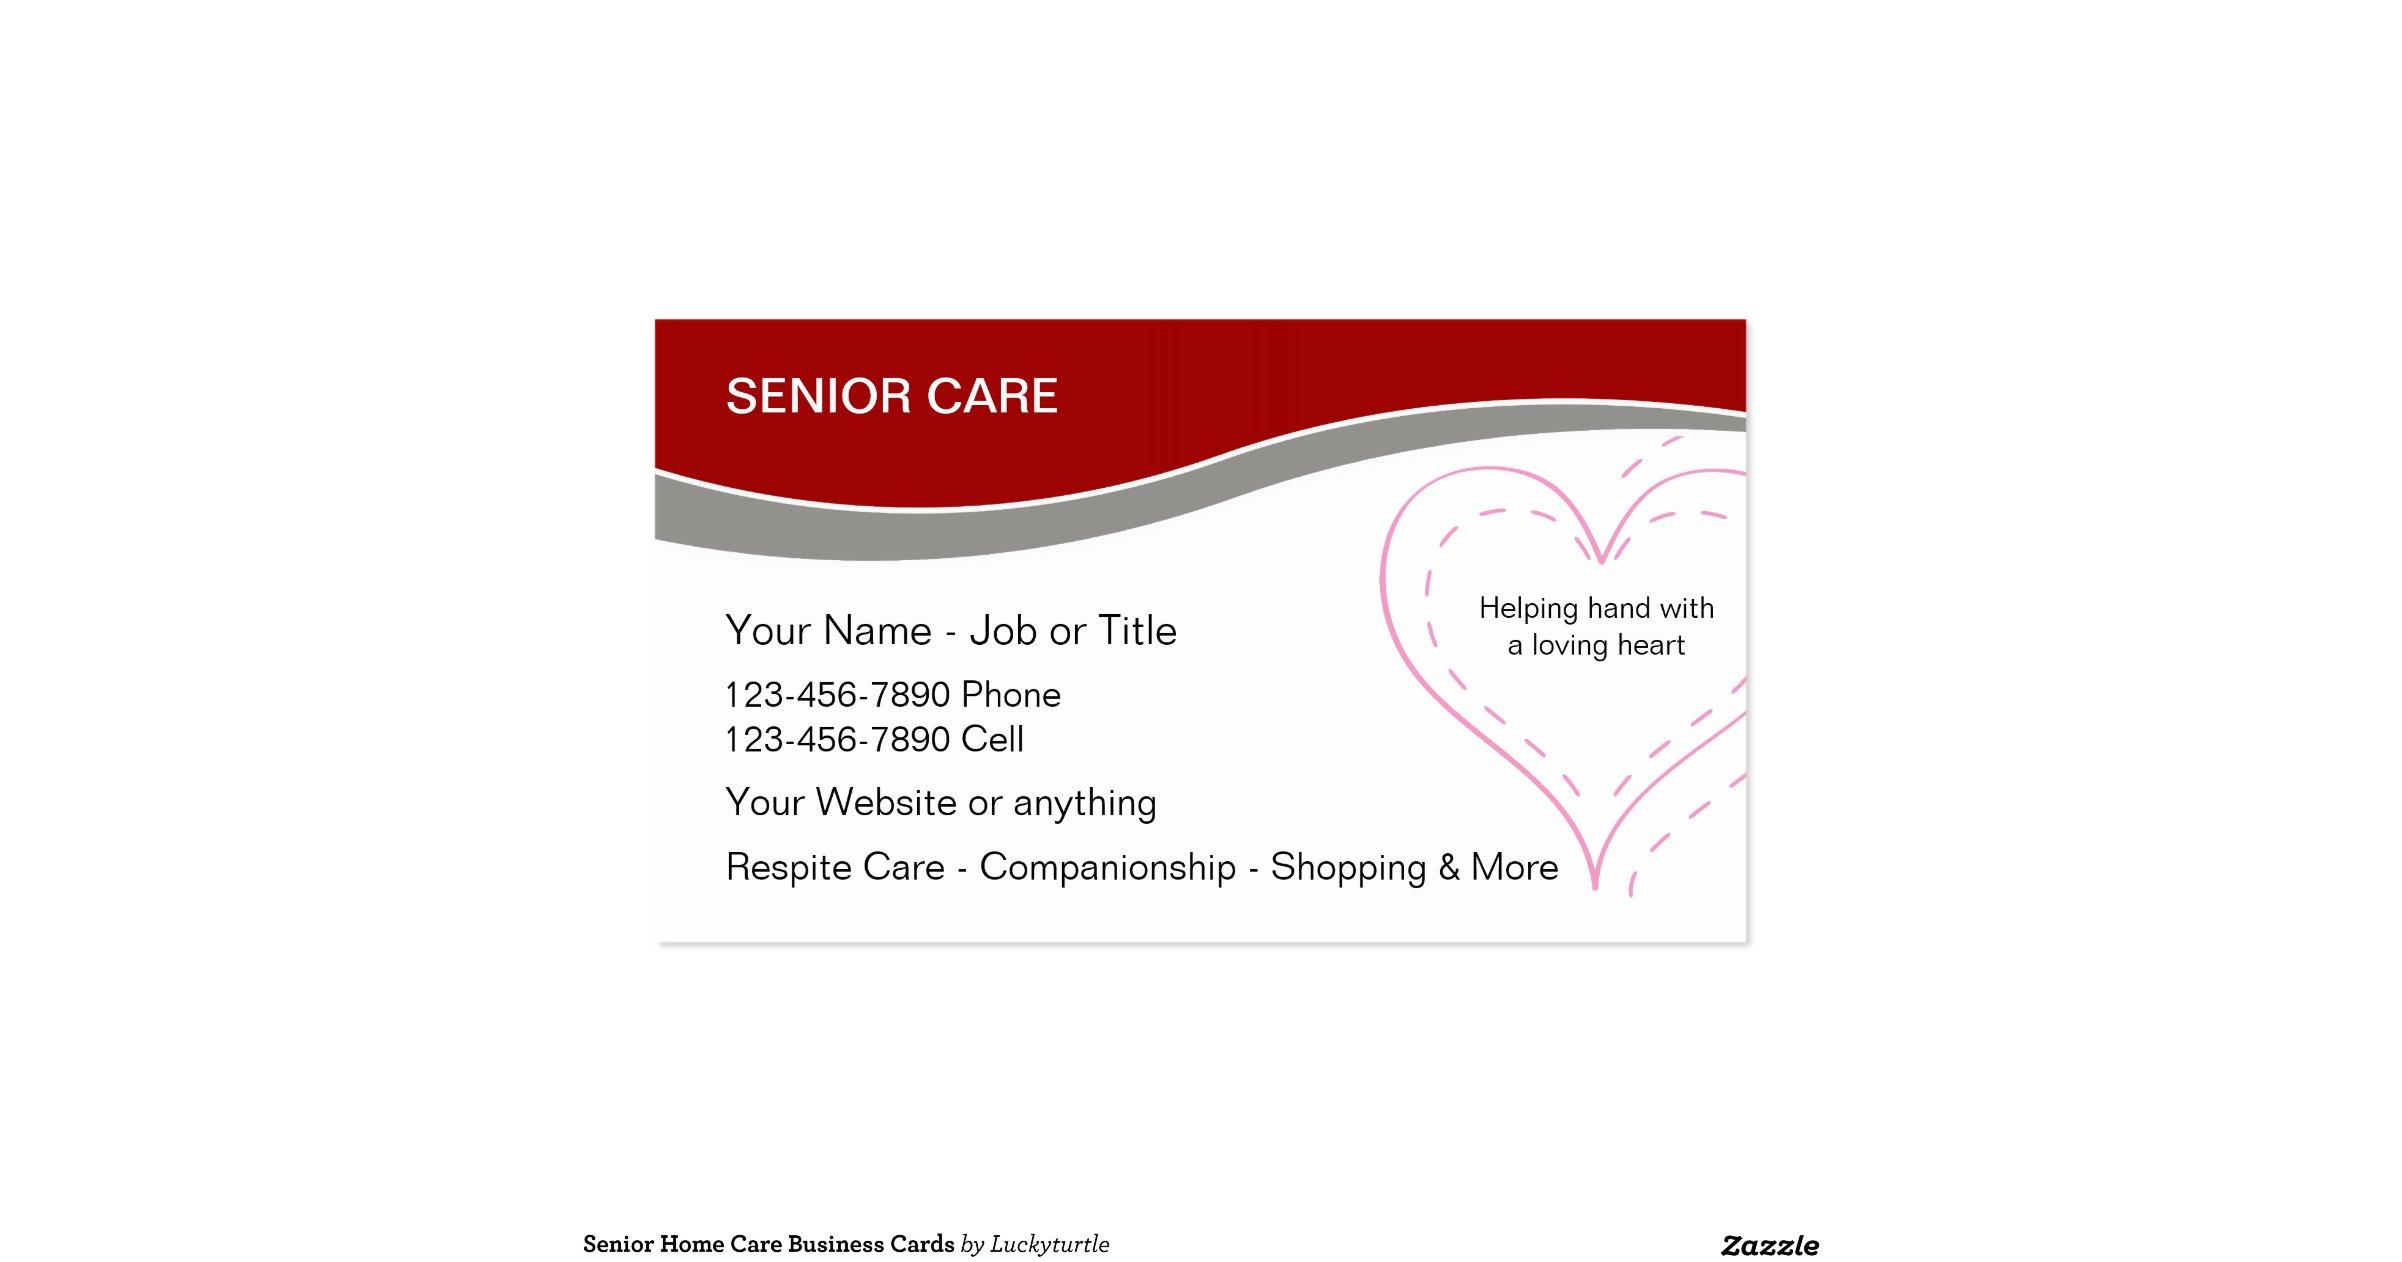 Senior Home Care Business Cards R212998c584224722b0f7a8dc5556e106 I579t 8byvr